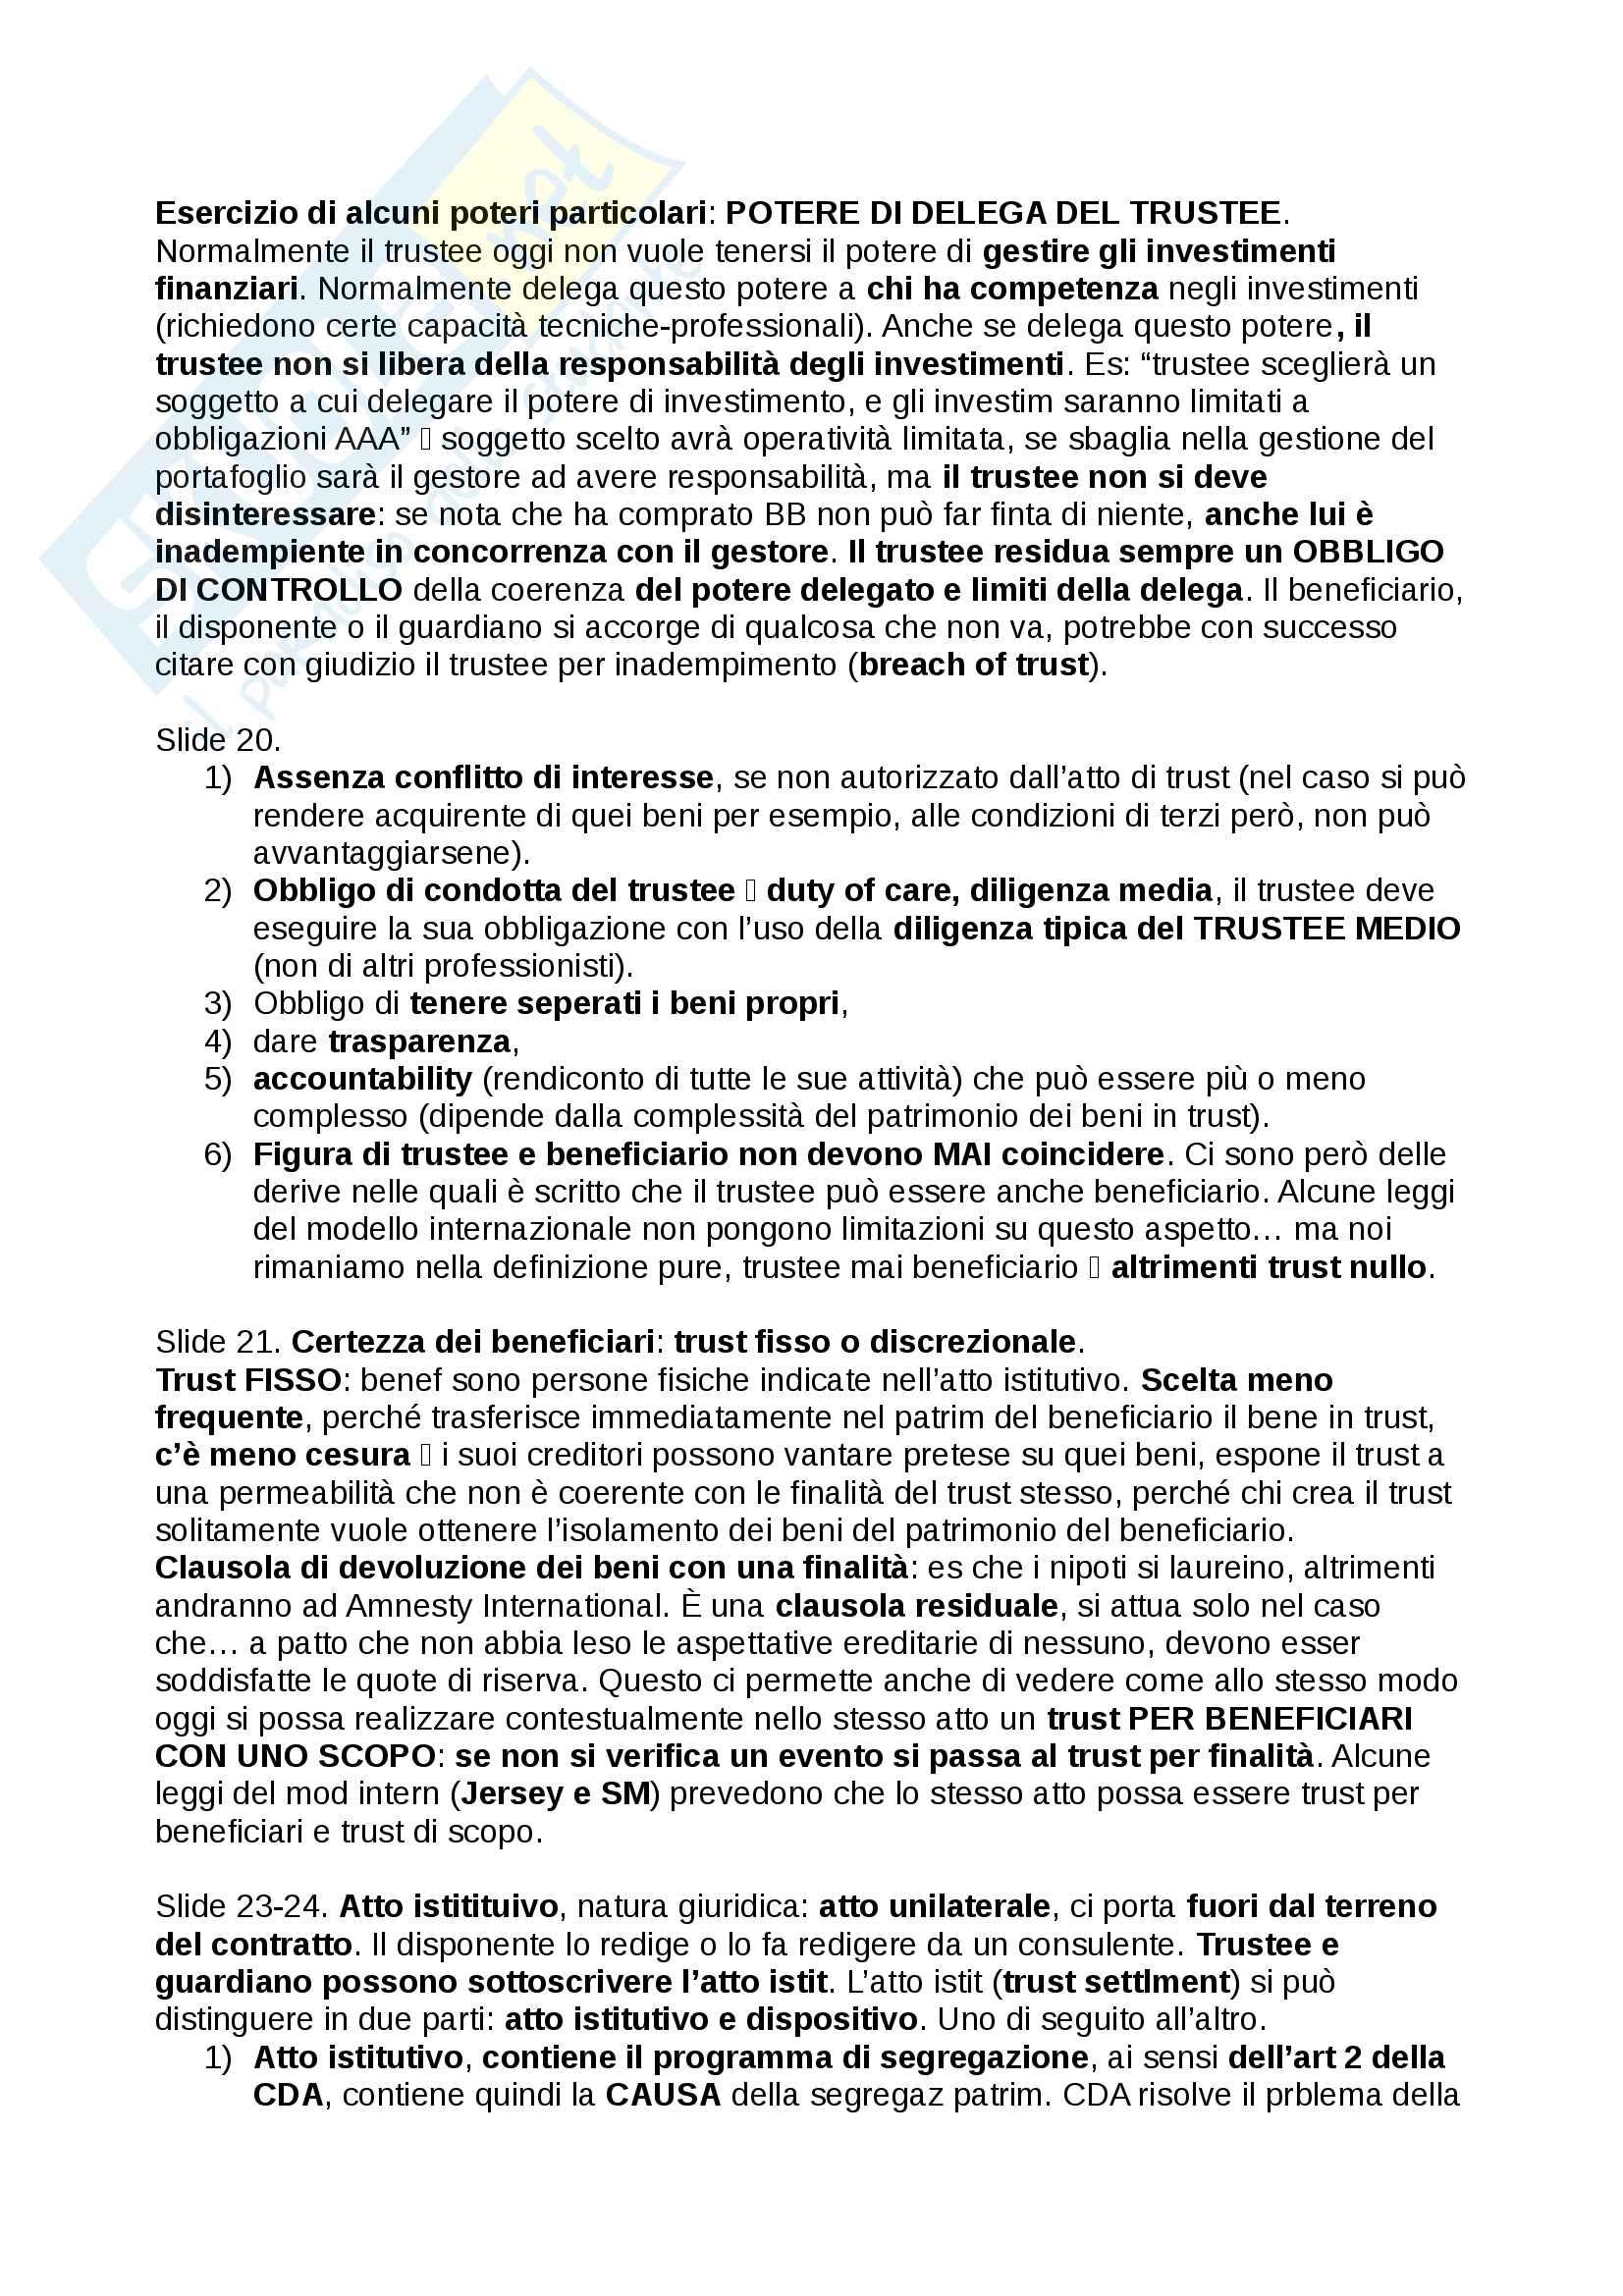 Trust, definizioni e casistiche - Diritto Commerciale Pag. 11